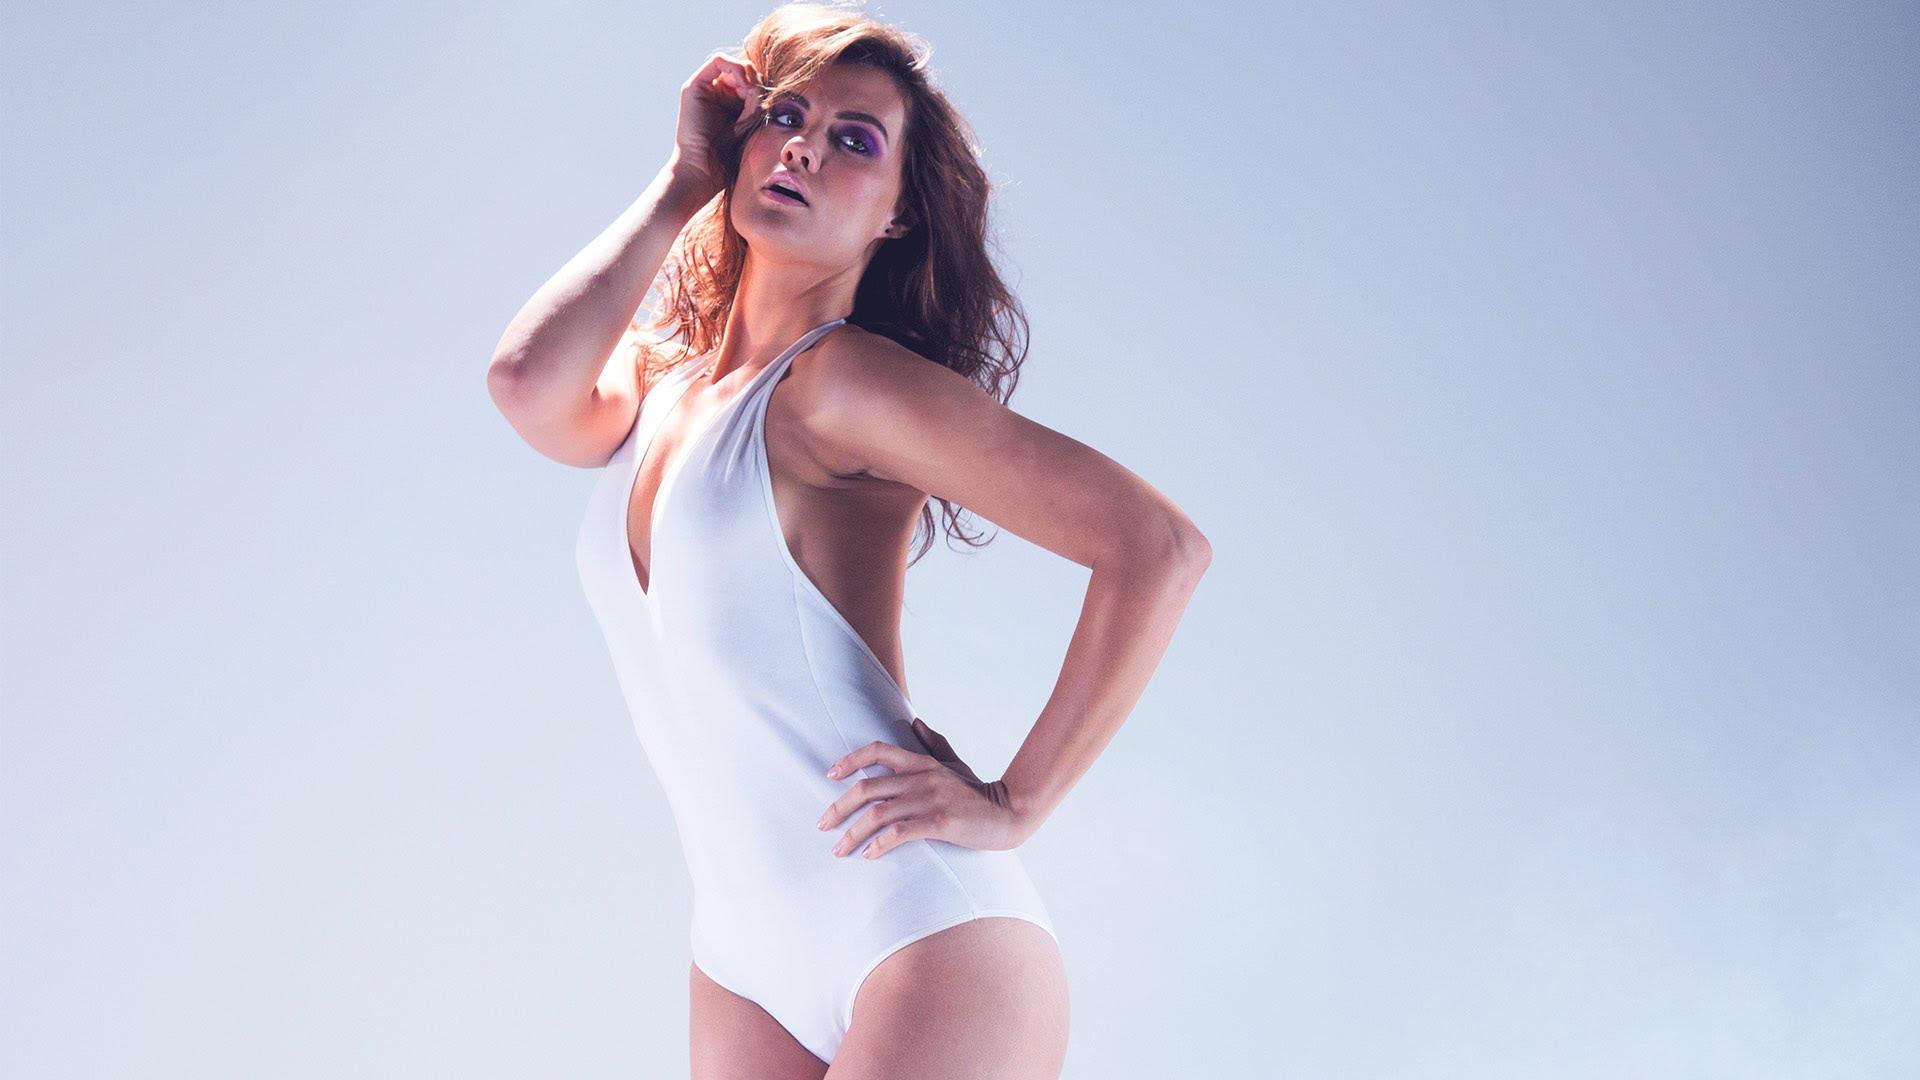 Видео, което показва имате ли перфектно тяло